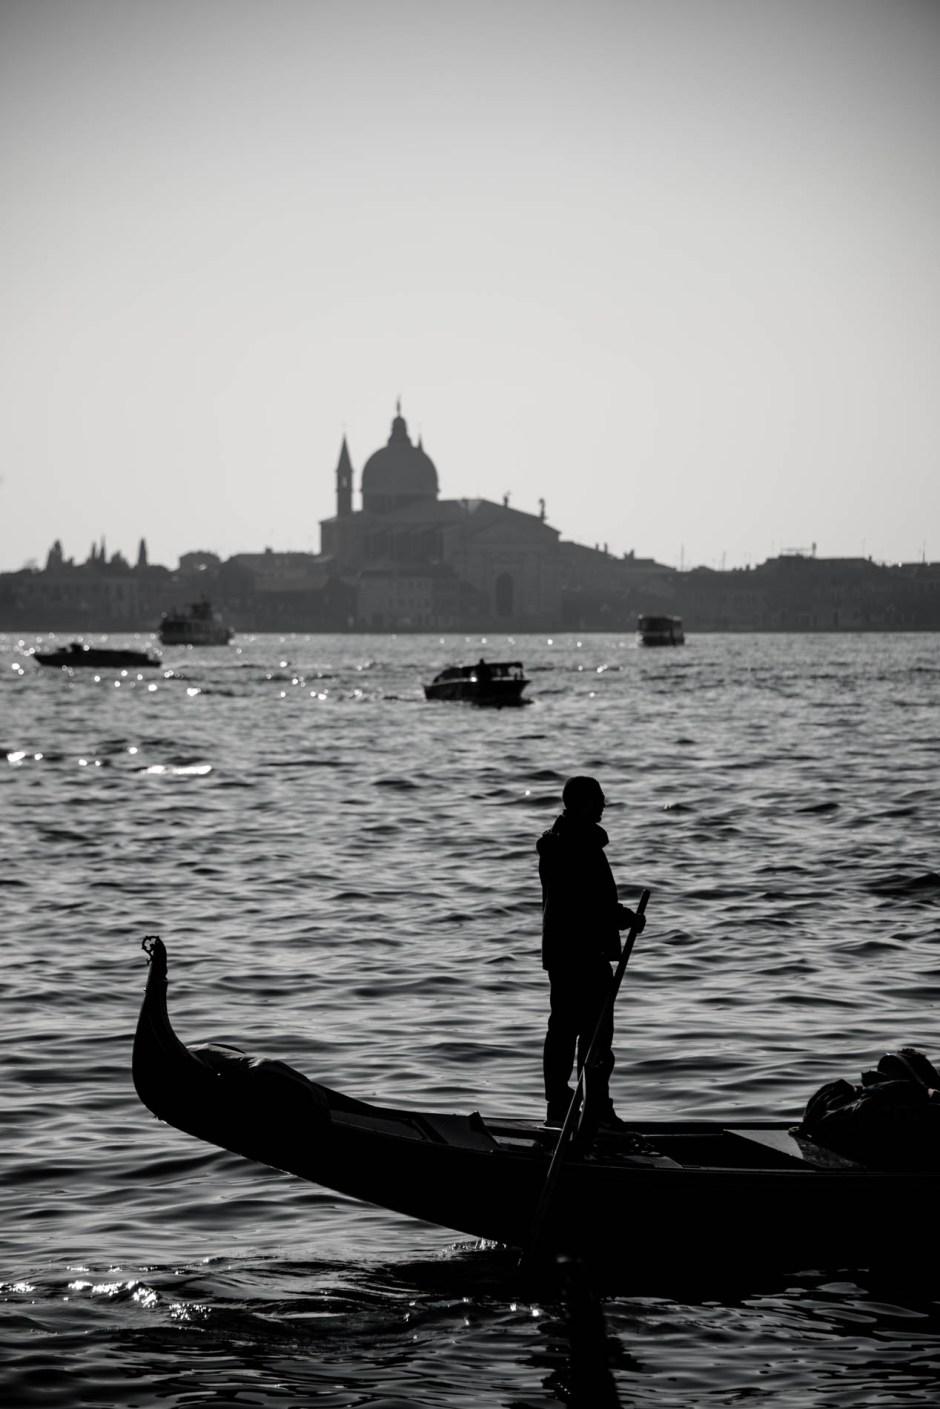 Europe, Venice, Arda, The World, Italy